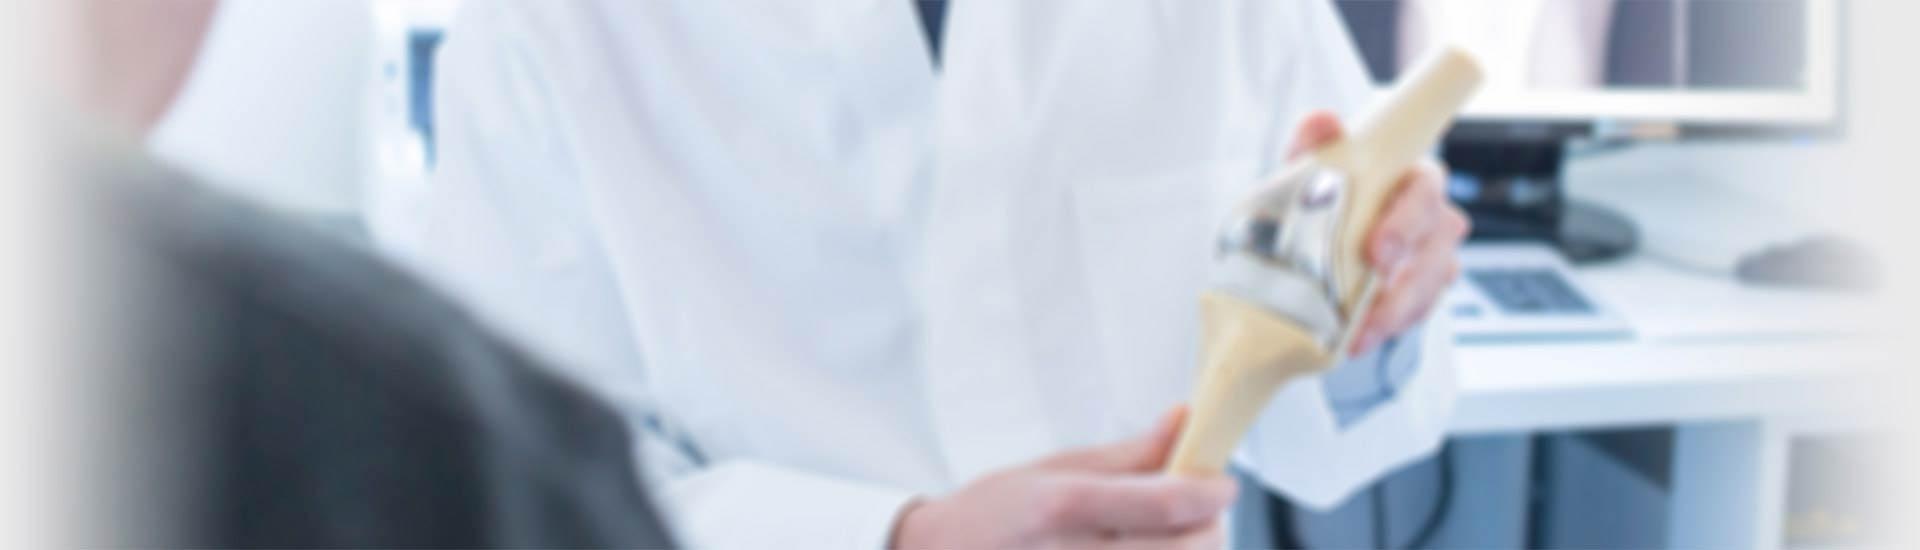 orthopaedische-praxisklinik-graefelfing_start01